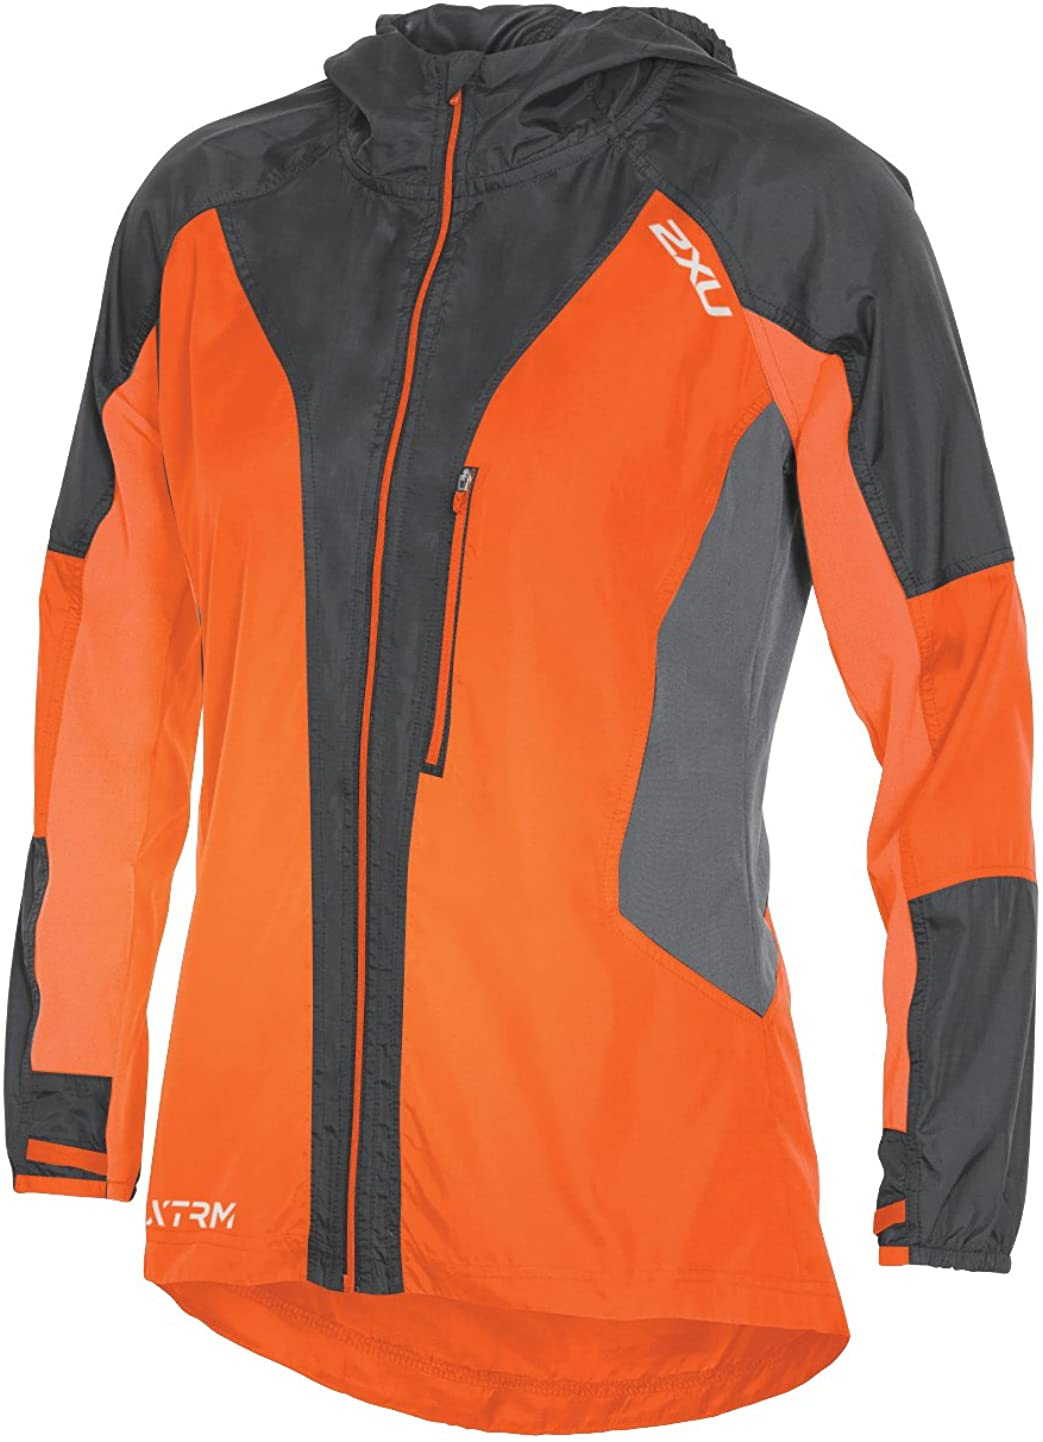 2XU 여성용 XTRM 레이스 자켓